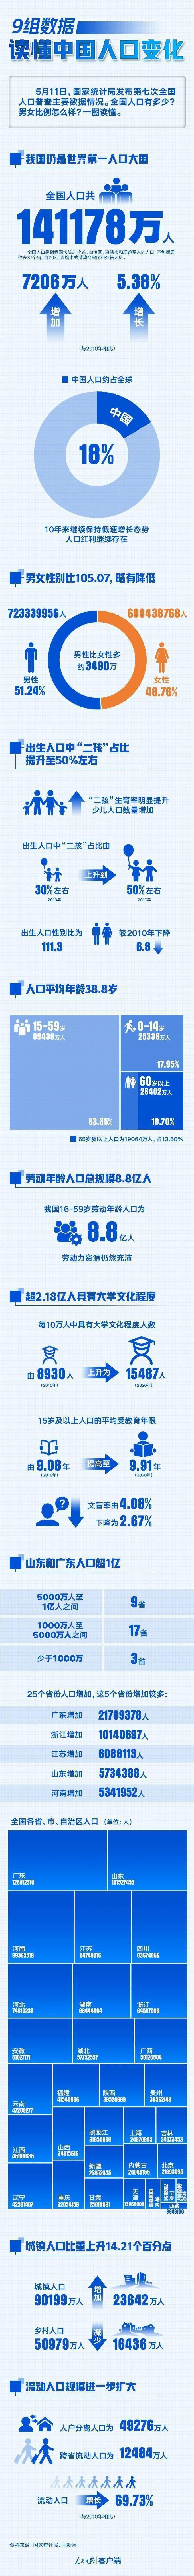 中国现有人口_「沭图分享」中国现有人口14亿,最新全国人口普查数据出炉